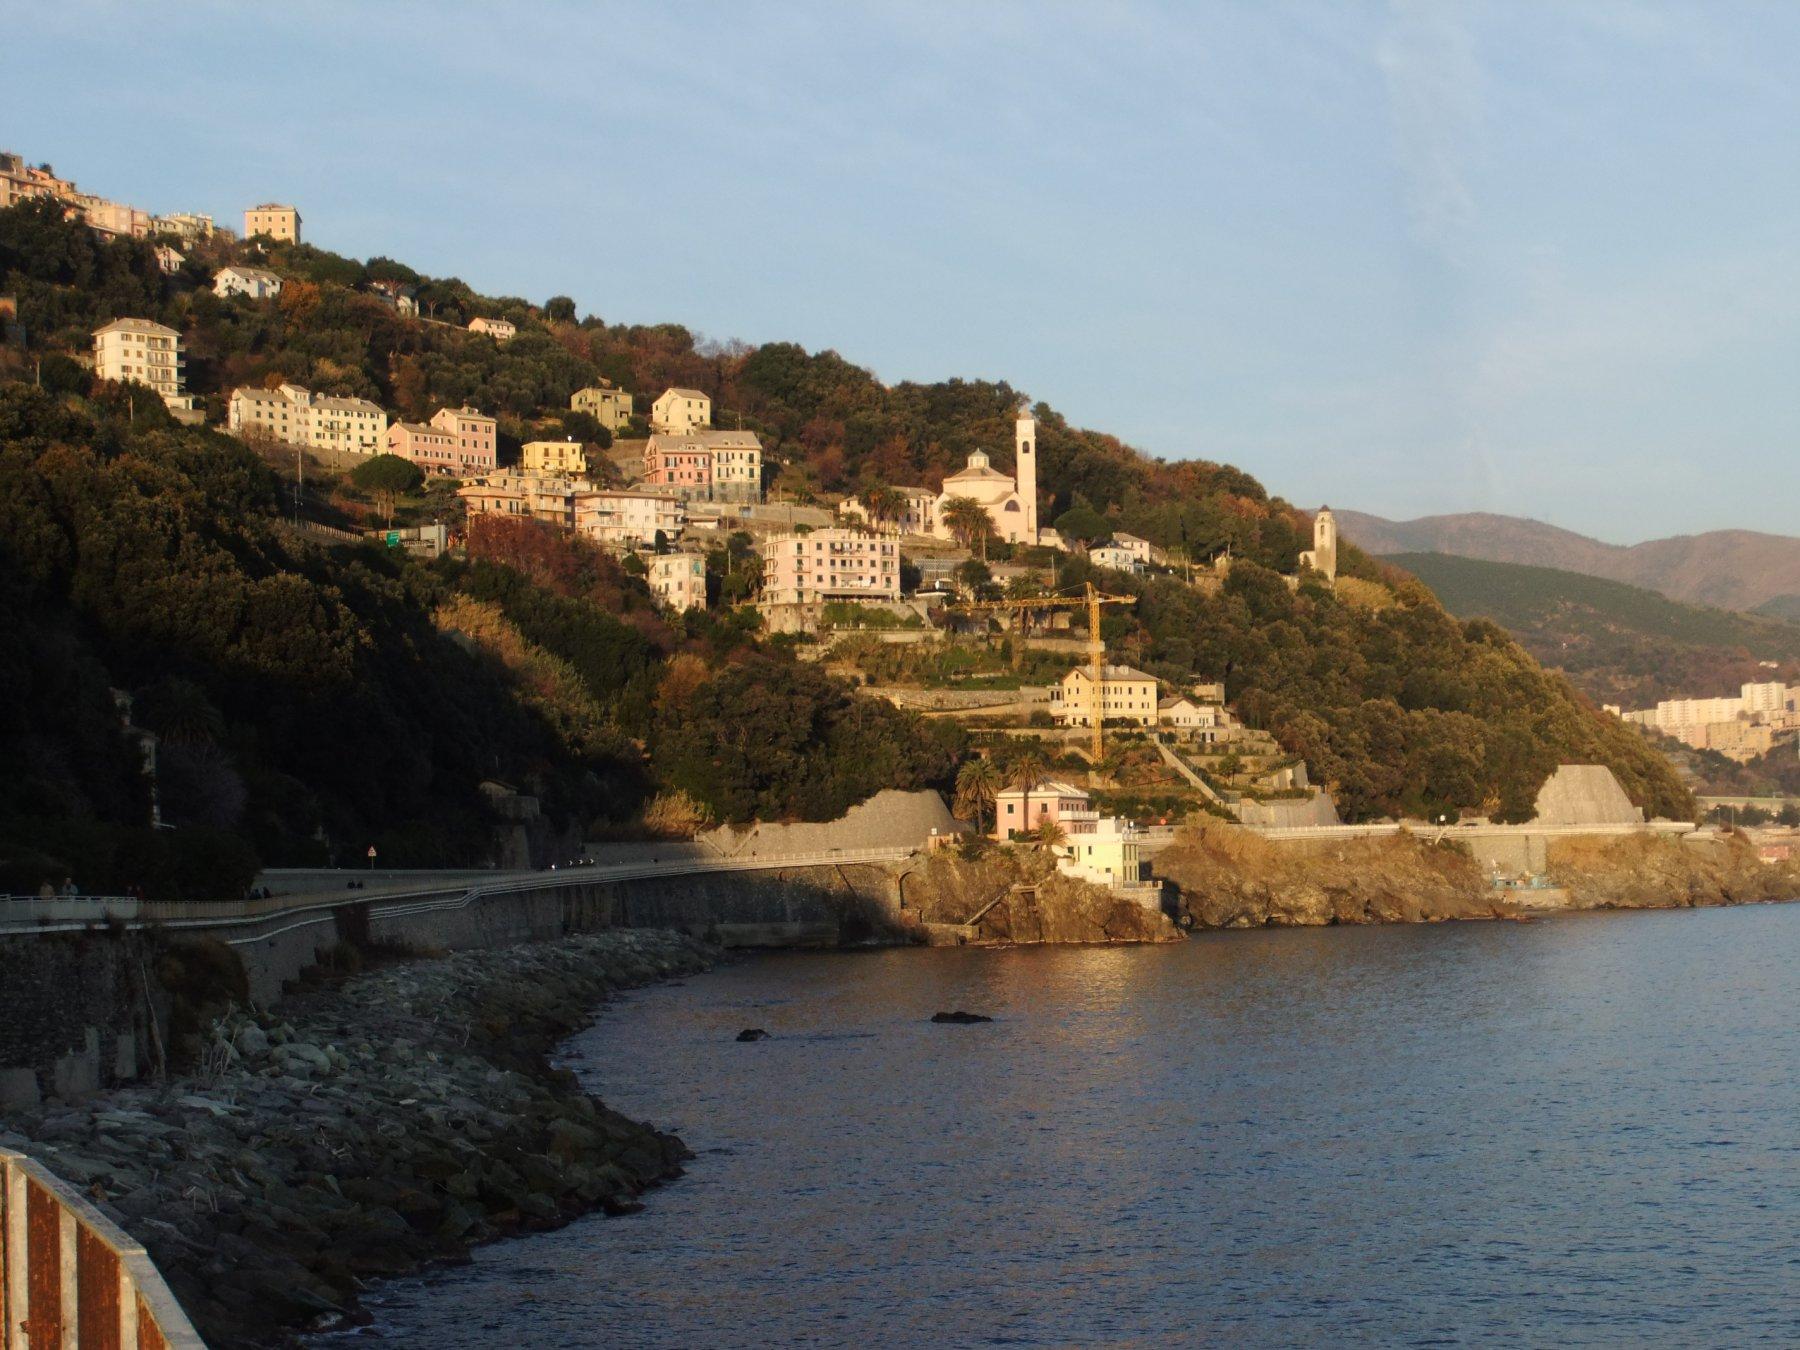 Tardia Ponente (Monte) da Voltri, anello per Rocca dell'Erxo, Monte Tardia Levante, Arenzano 2016-12-28